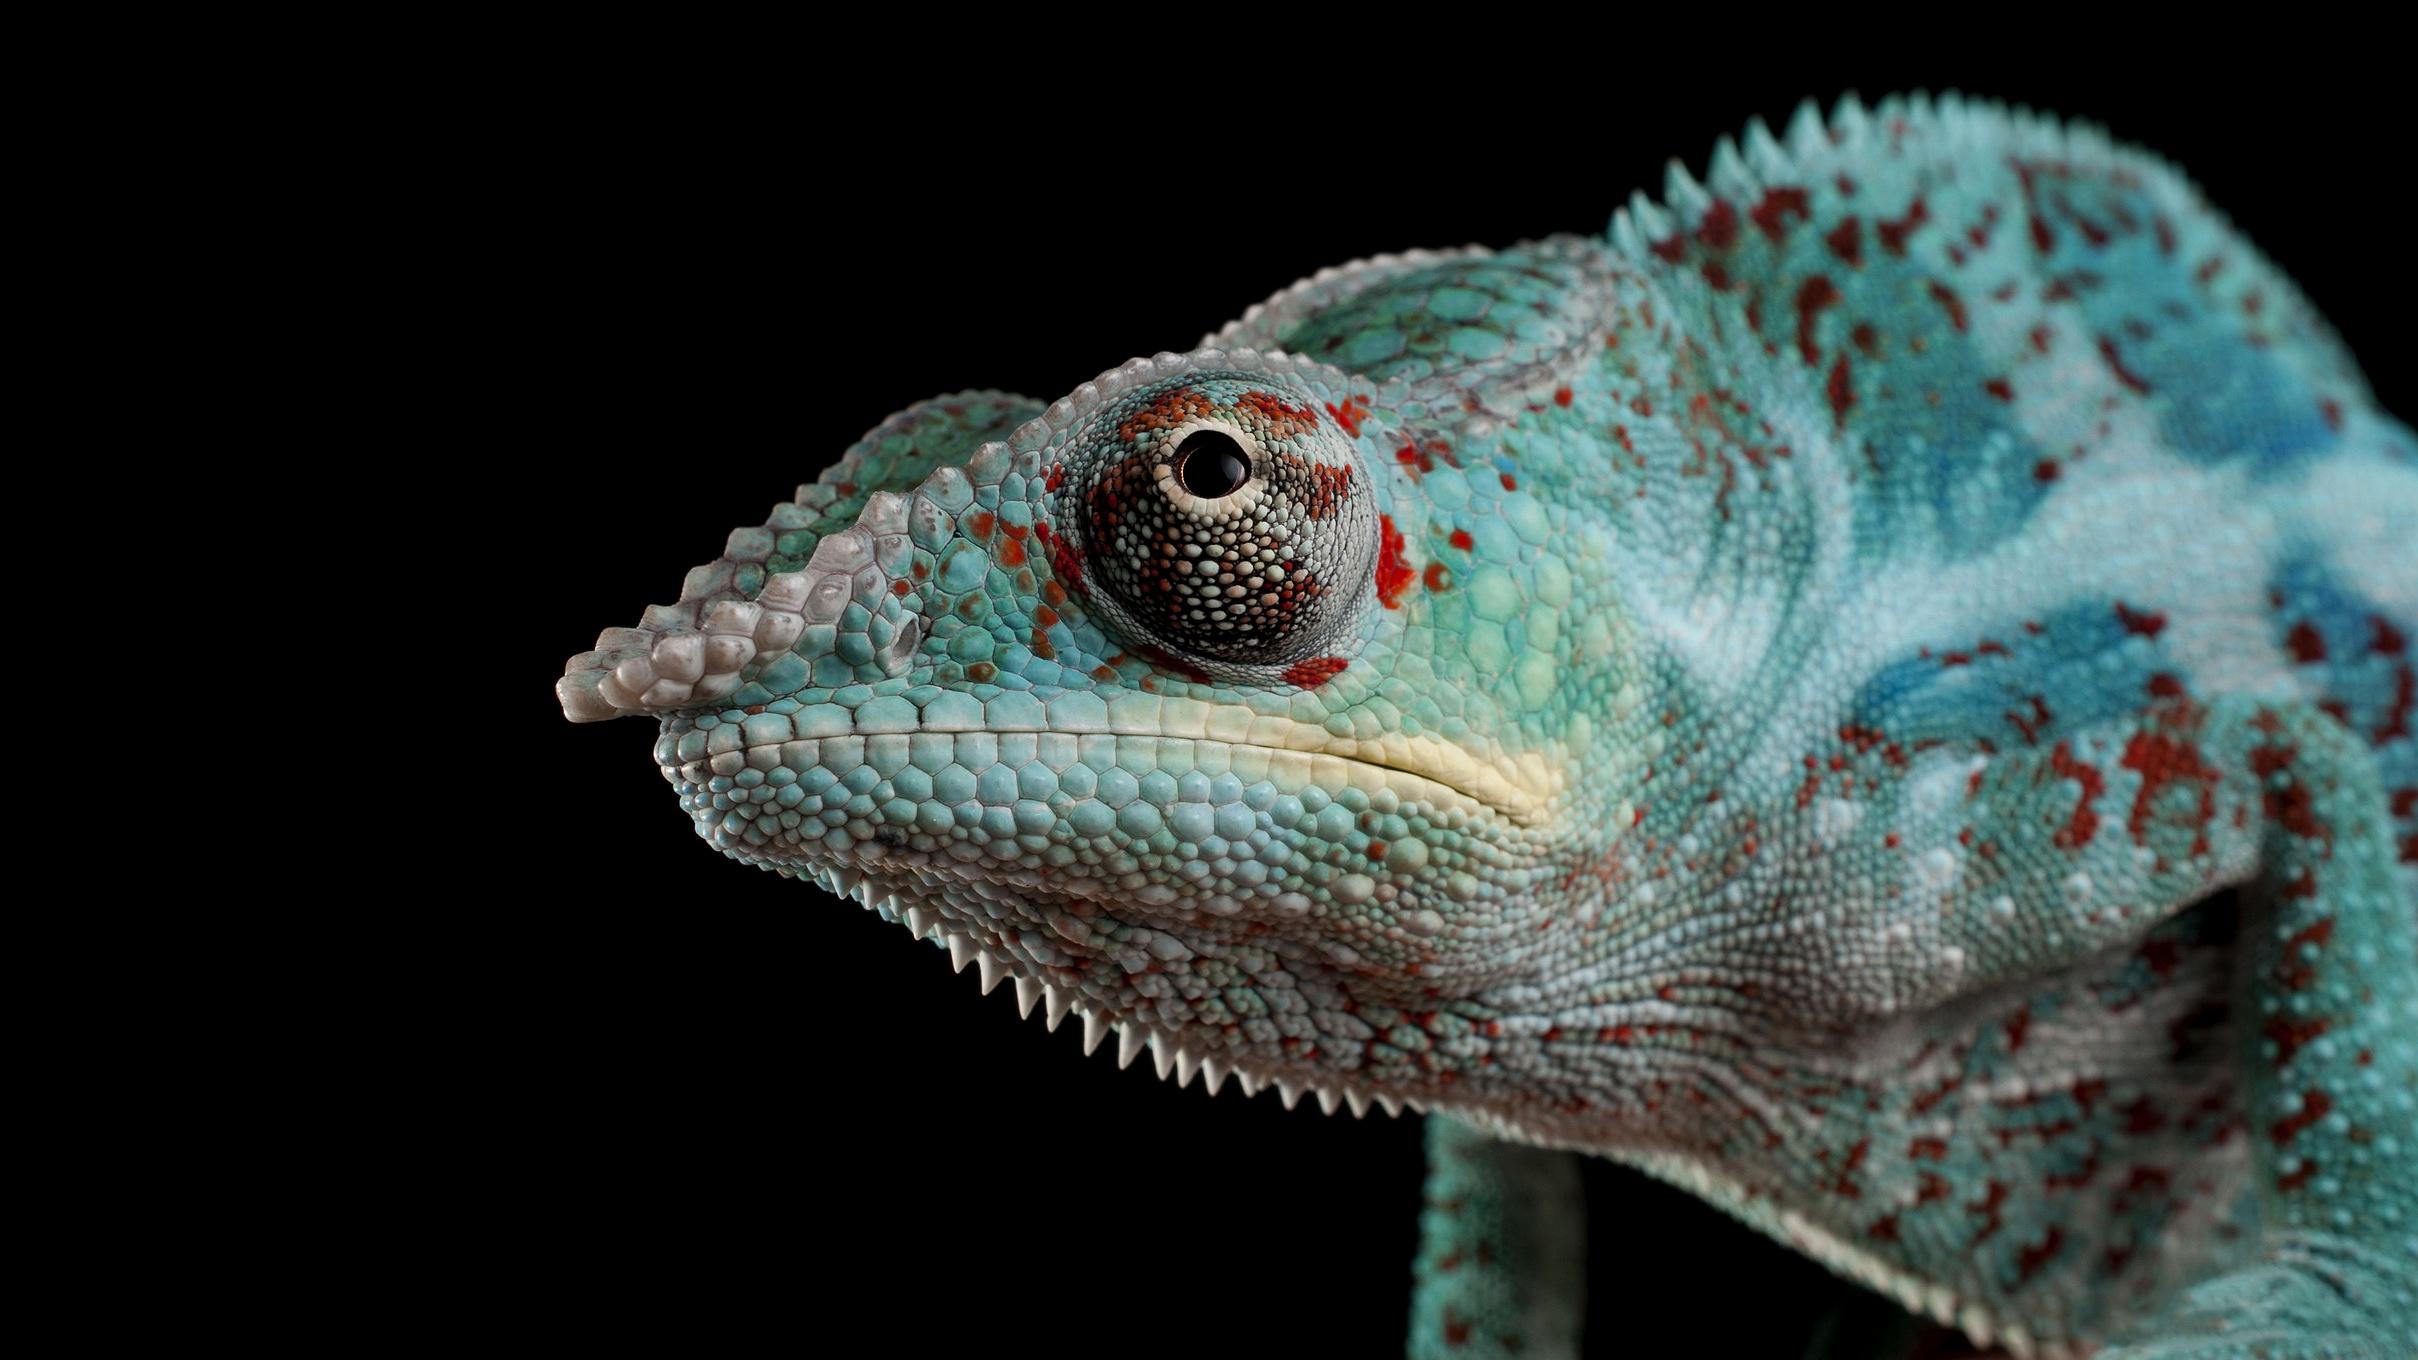 Animal Chameleon 2418x1360